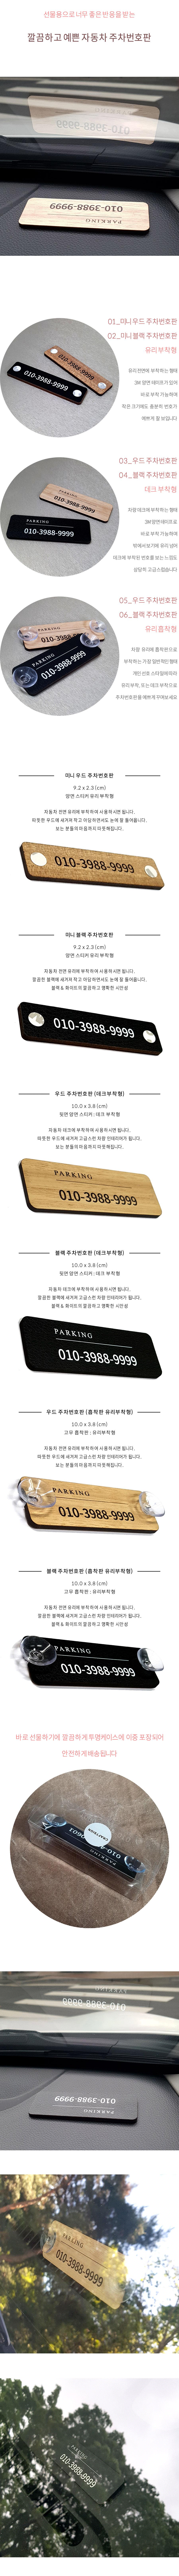 주차번호판 차량용자동차 우드블랙 데크부착형 - 엔메리엘, 6,000원, 주차번호판, 디자인/캐릭터